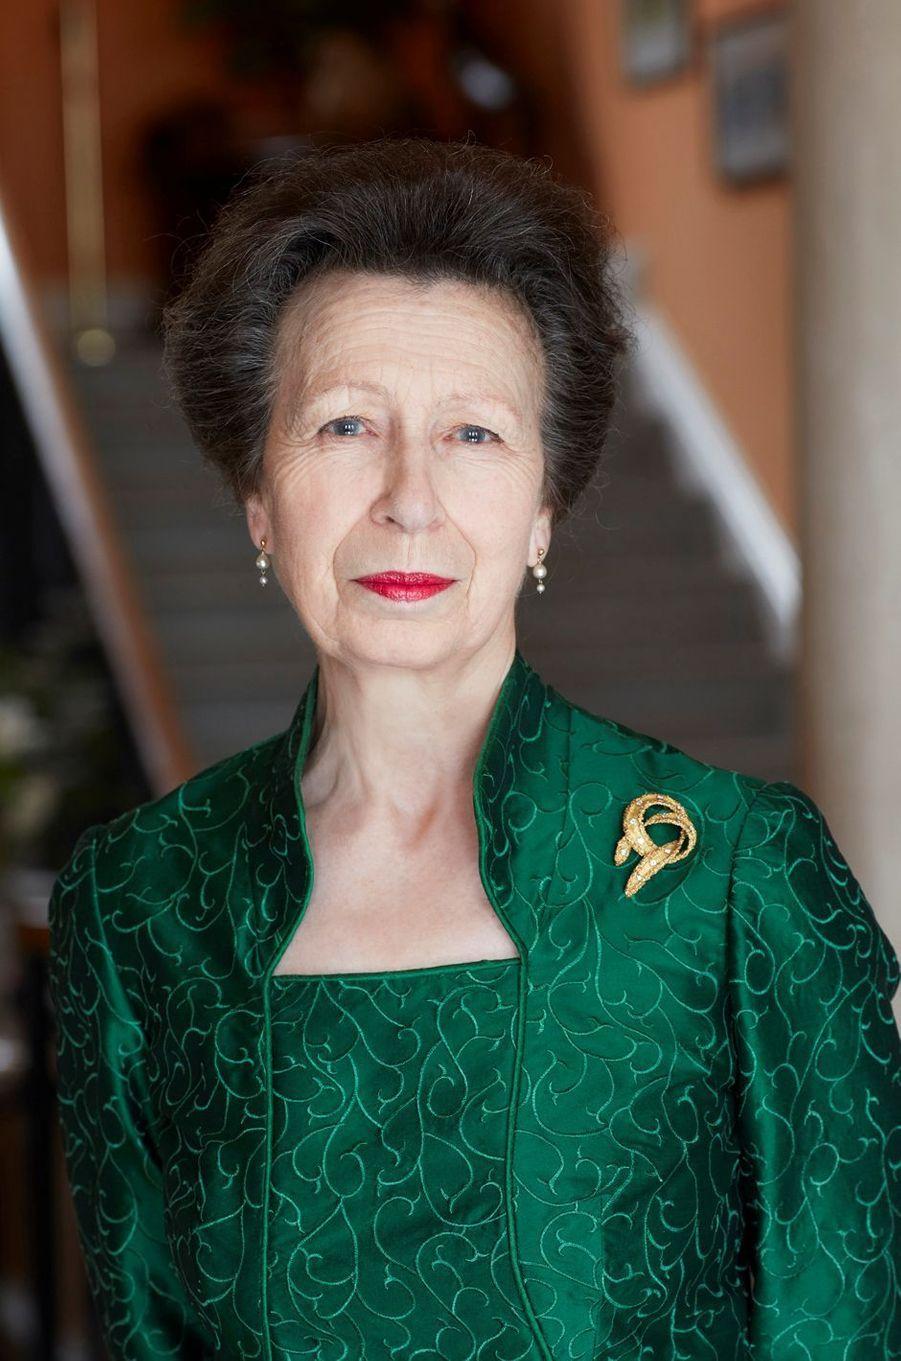 L'un des trois portraits officiels des 70 ans de la princesse Anne, par le photographe John Swannell, pris fin février 2020 et dévoilé le 14 août 2020